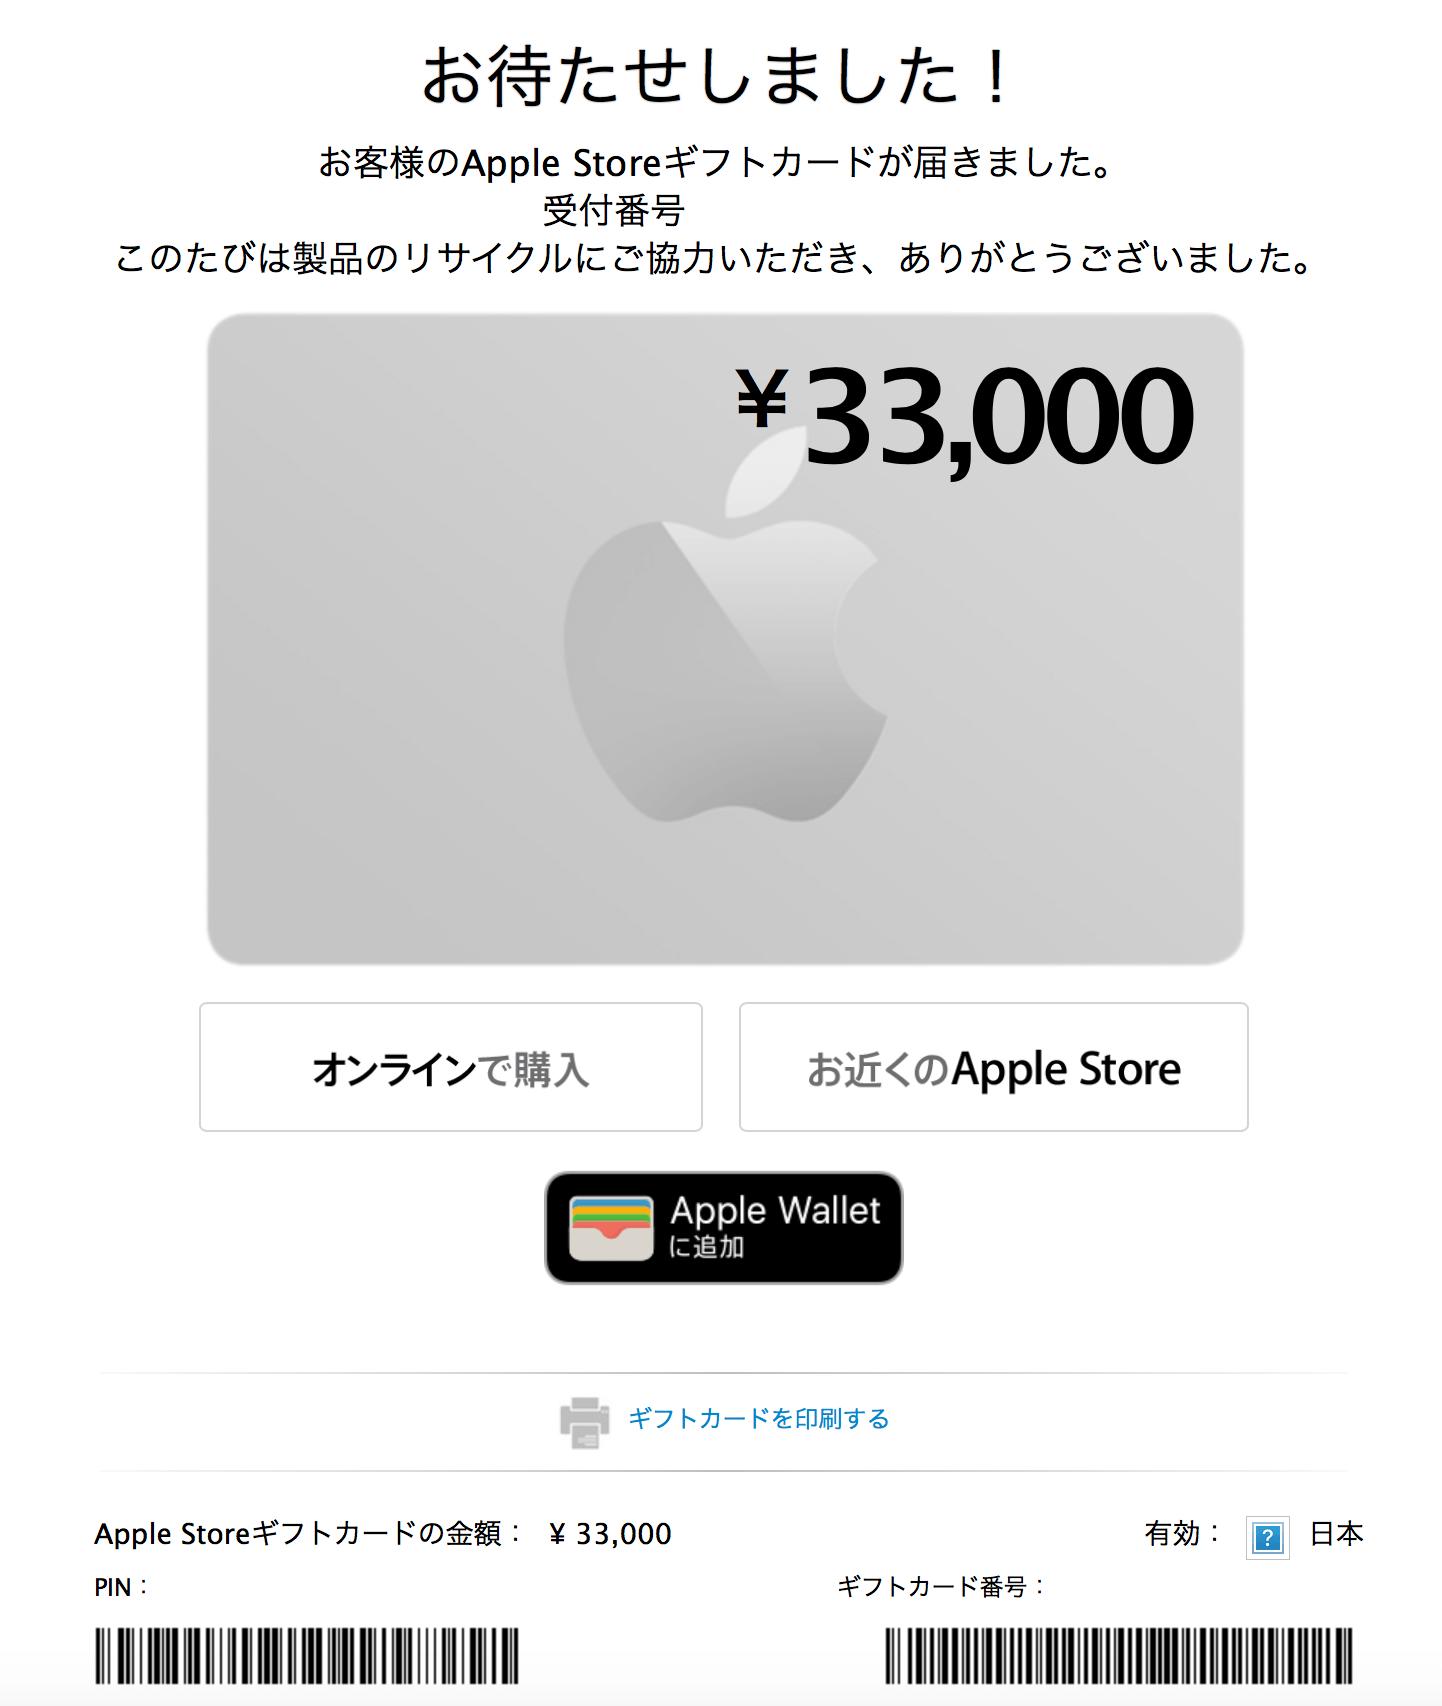 Appleギフトカードの画像